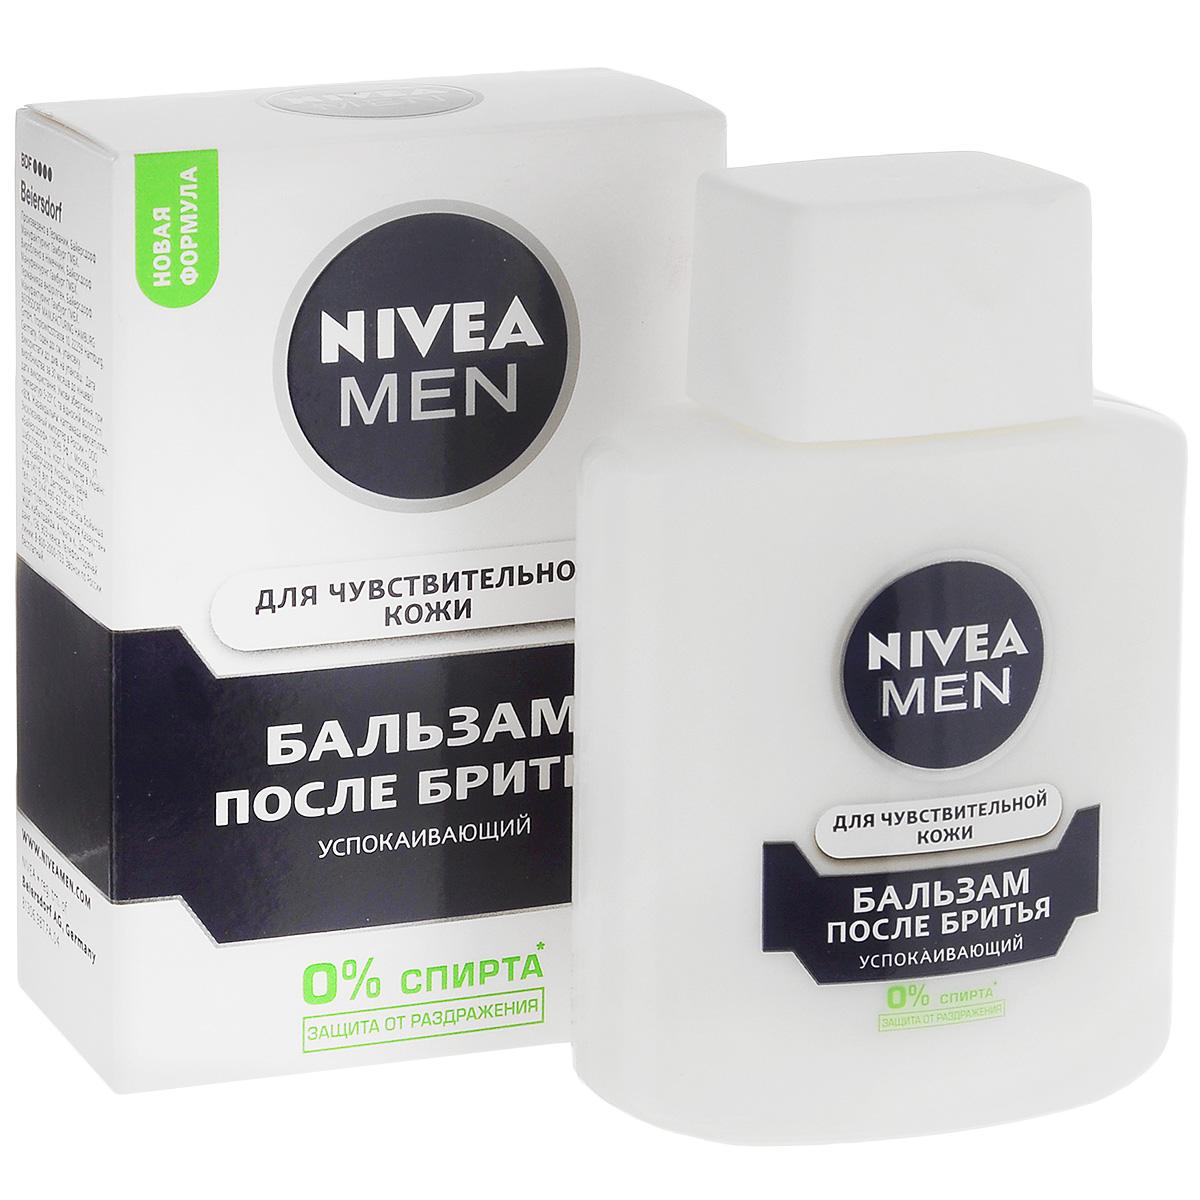 NIVEA Бальзам после бритья Для чувствительной кожи 100 мл10045605Бальзам после бритья Nivea for Men не содержит спирта и обладает нейтральным запахом. Бальзам защищает и успокаивает чувствительную кожу. Мягкая, не содержащая спирта формула бальзама с ромашкой, витамином Е и провитамином В5:Мгновенно успокаивает кожу и уменьшает покраснения;Защищает кожу от раздражения; Уменьшает сухость кожи после бритья.Результат:здоровая, ухоженная кожа без раздражения.Товар сертифицирован.